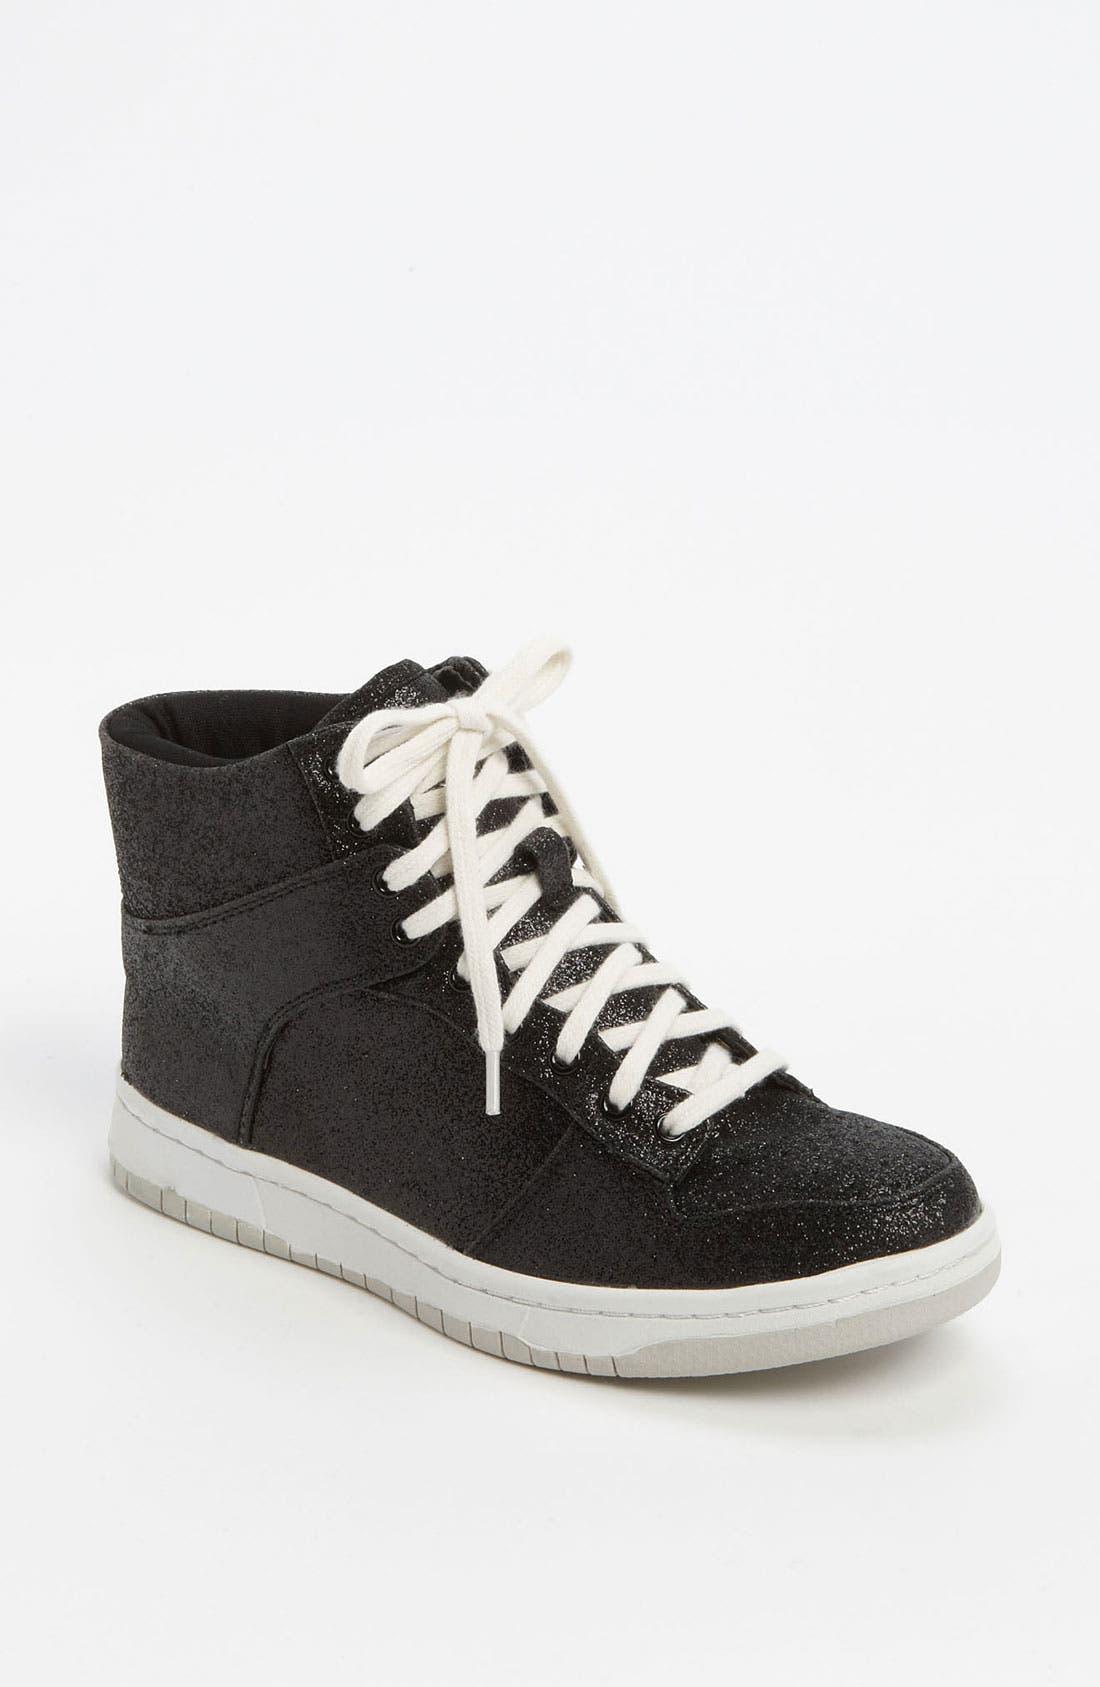 Main Image - Steve Madden 'Shufle' Sneaker